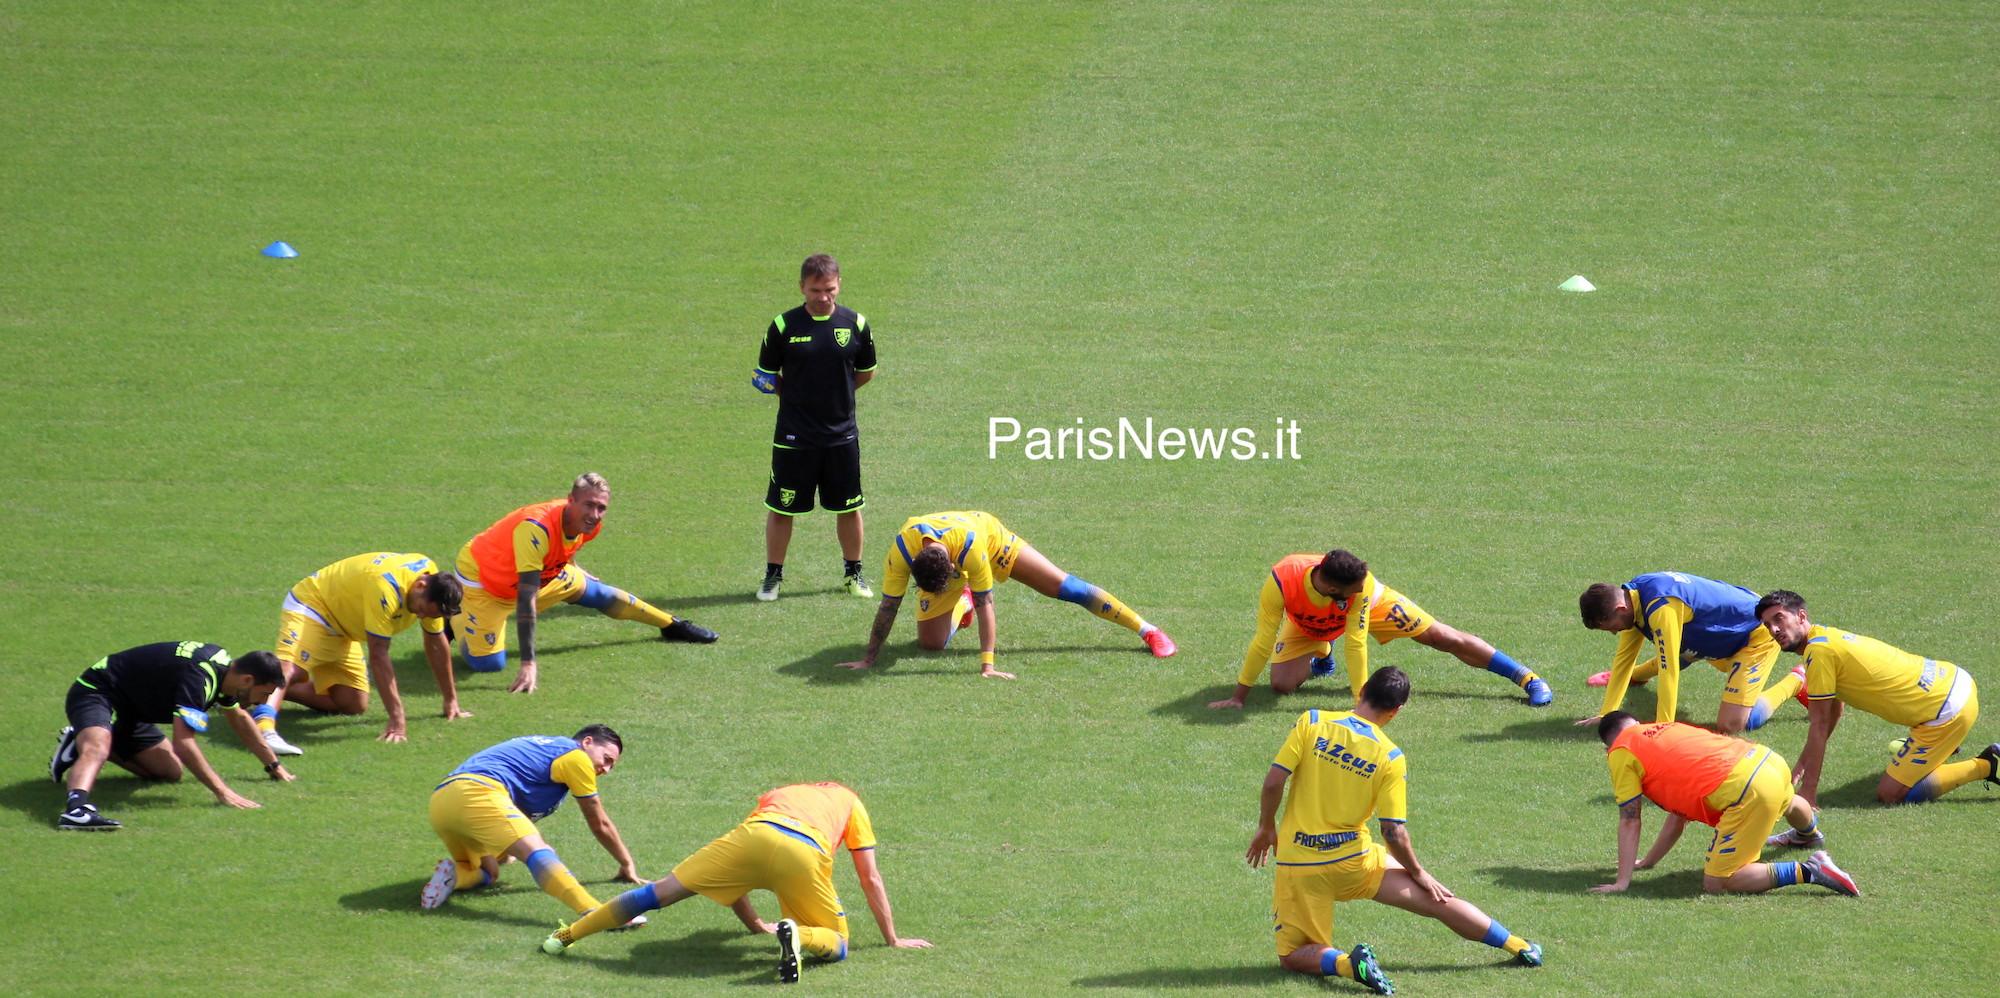 Frosinone - Empoli 0-2 fin